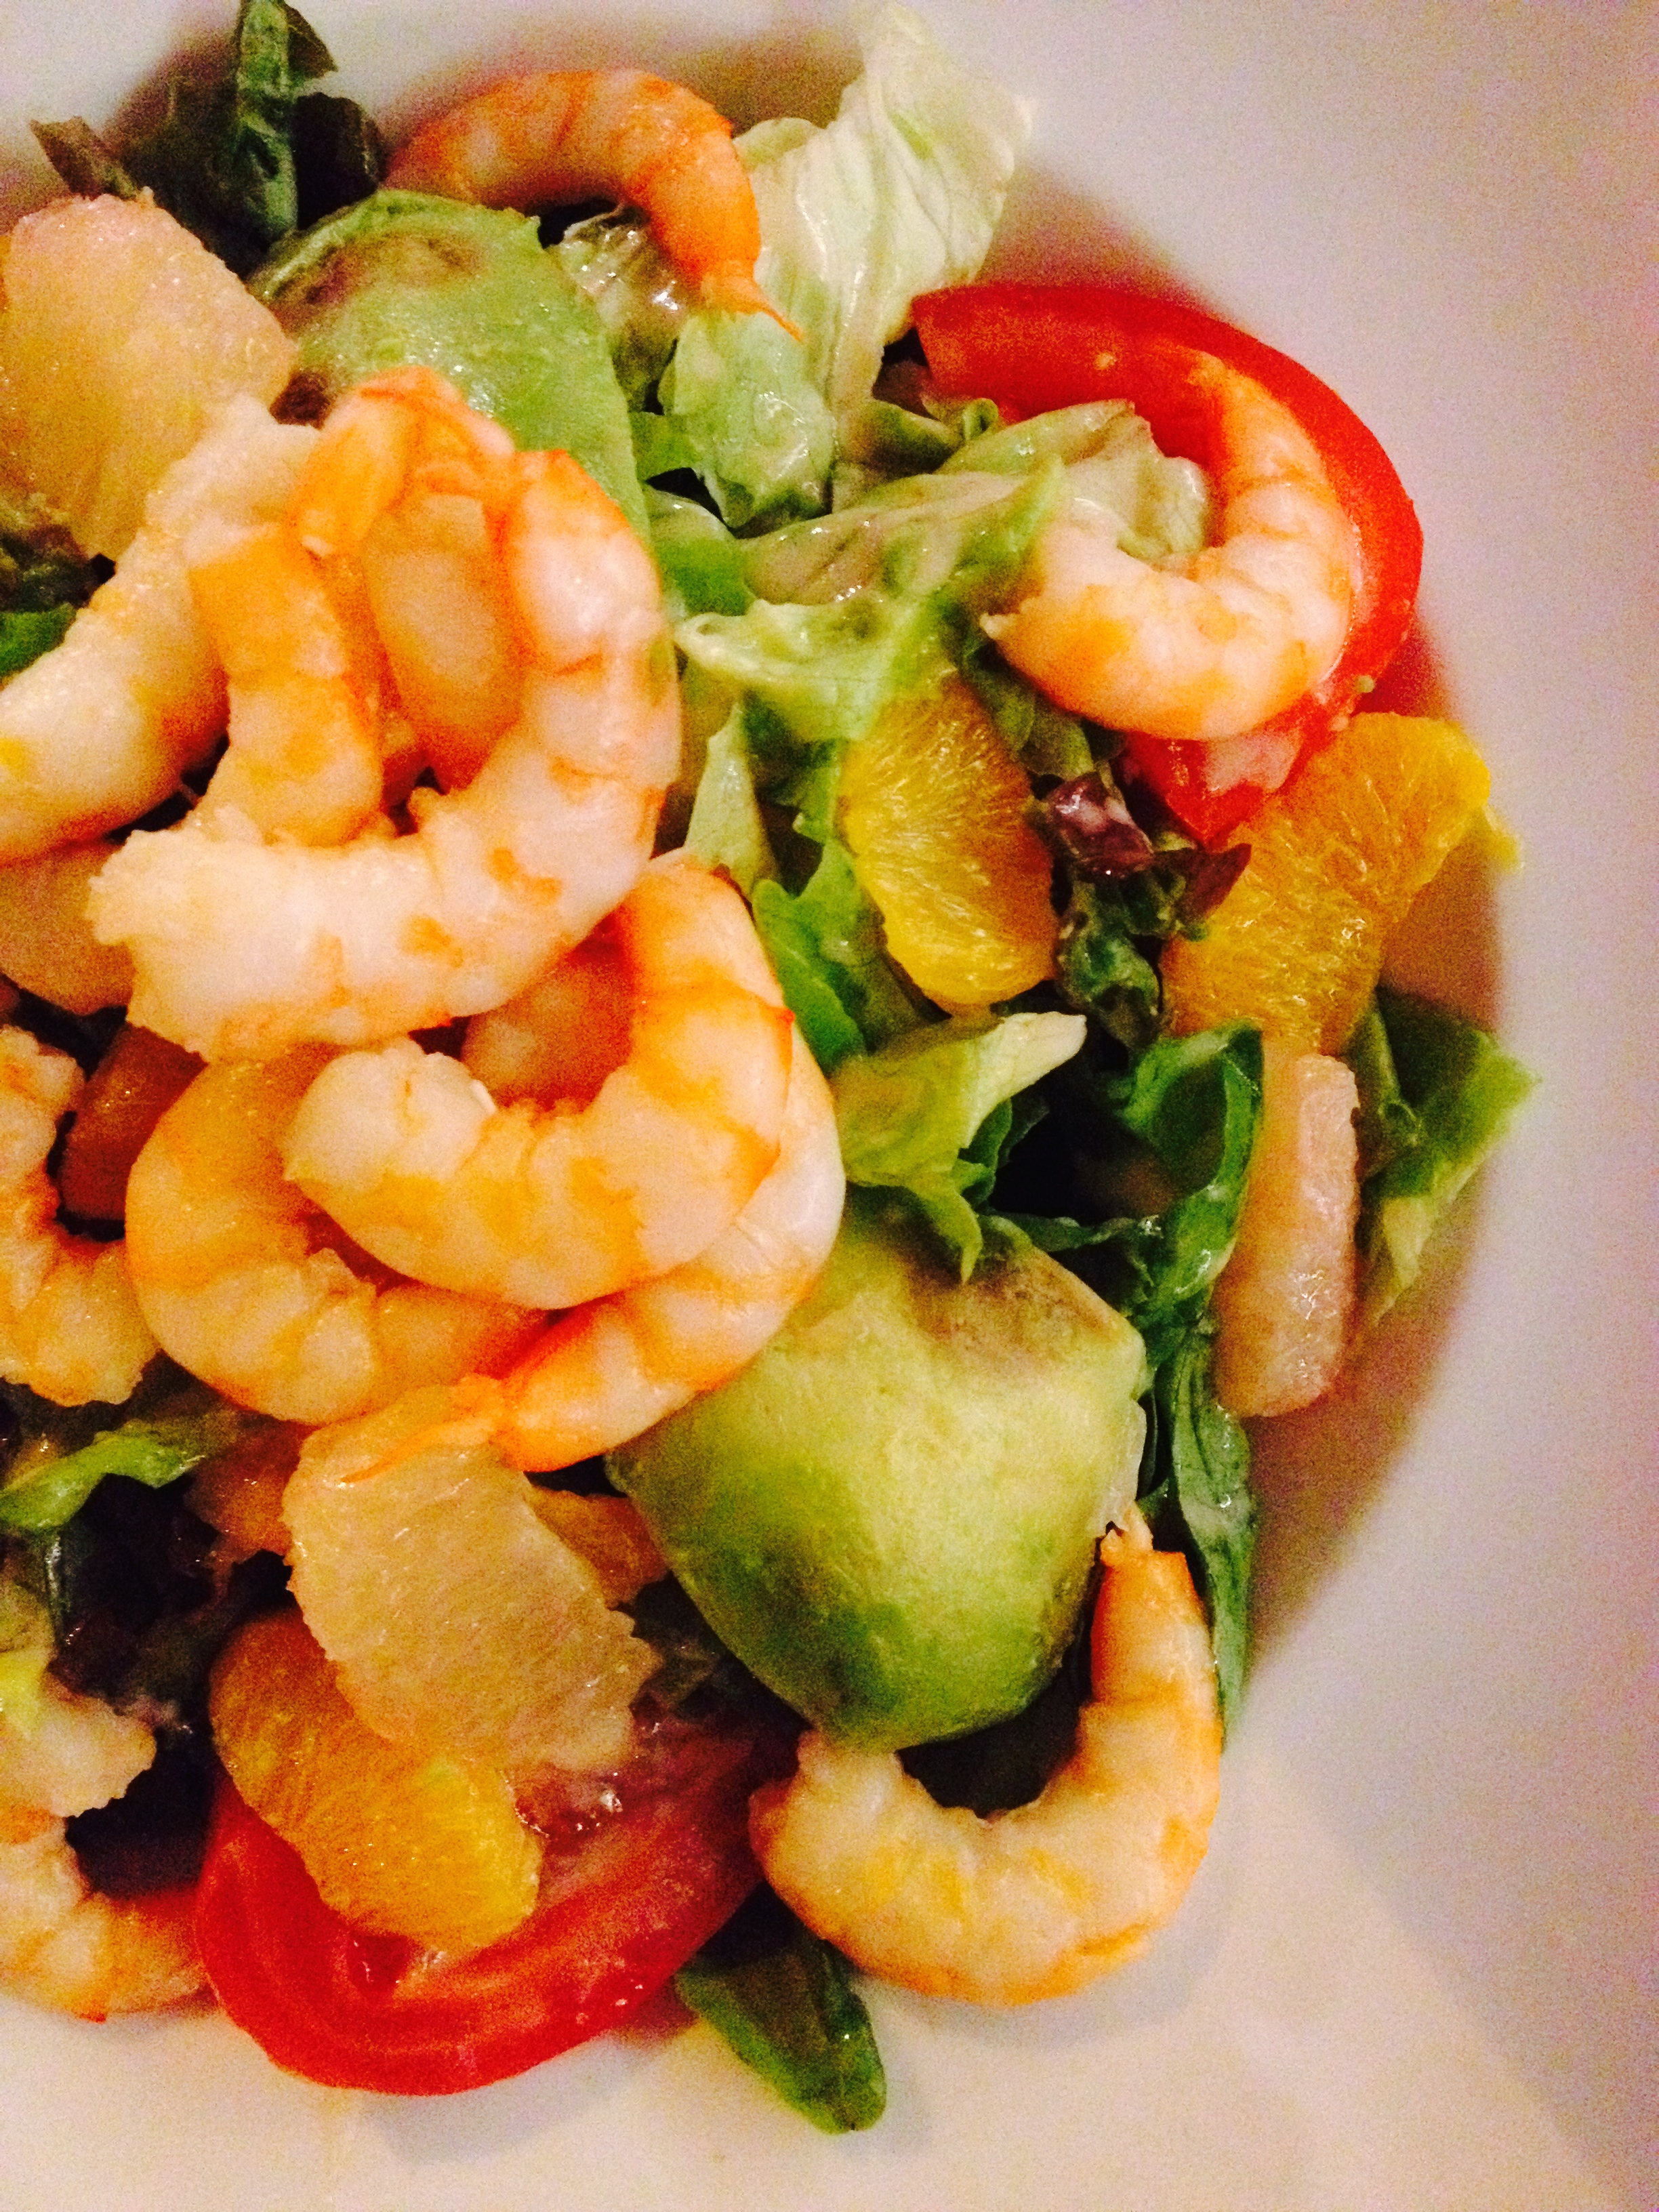 shrimp, avocado, and citrus salad at Le Cardinal :: by radish*rose